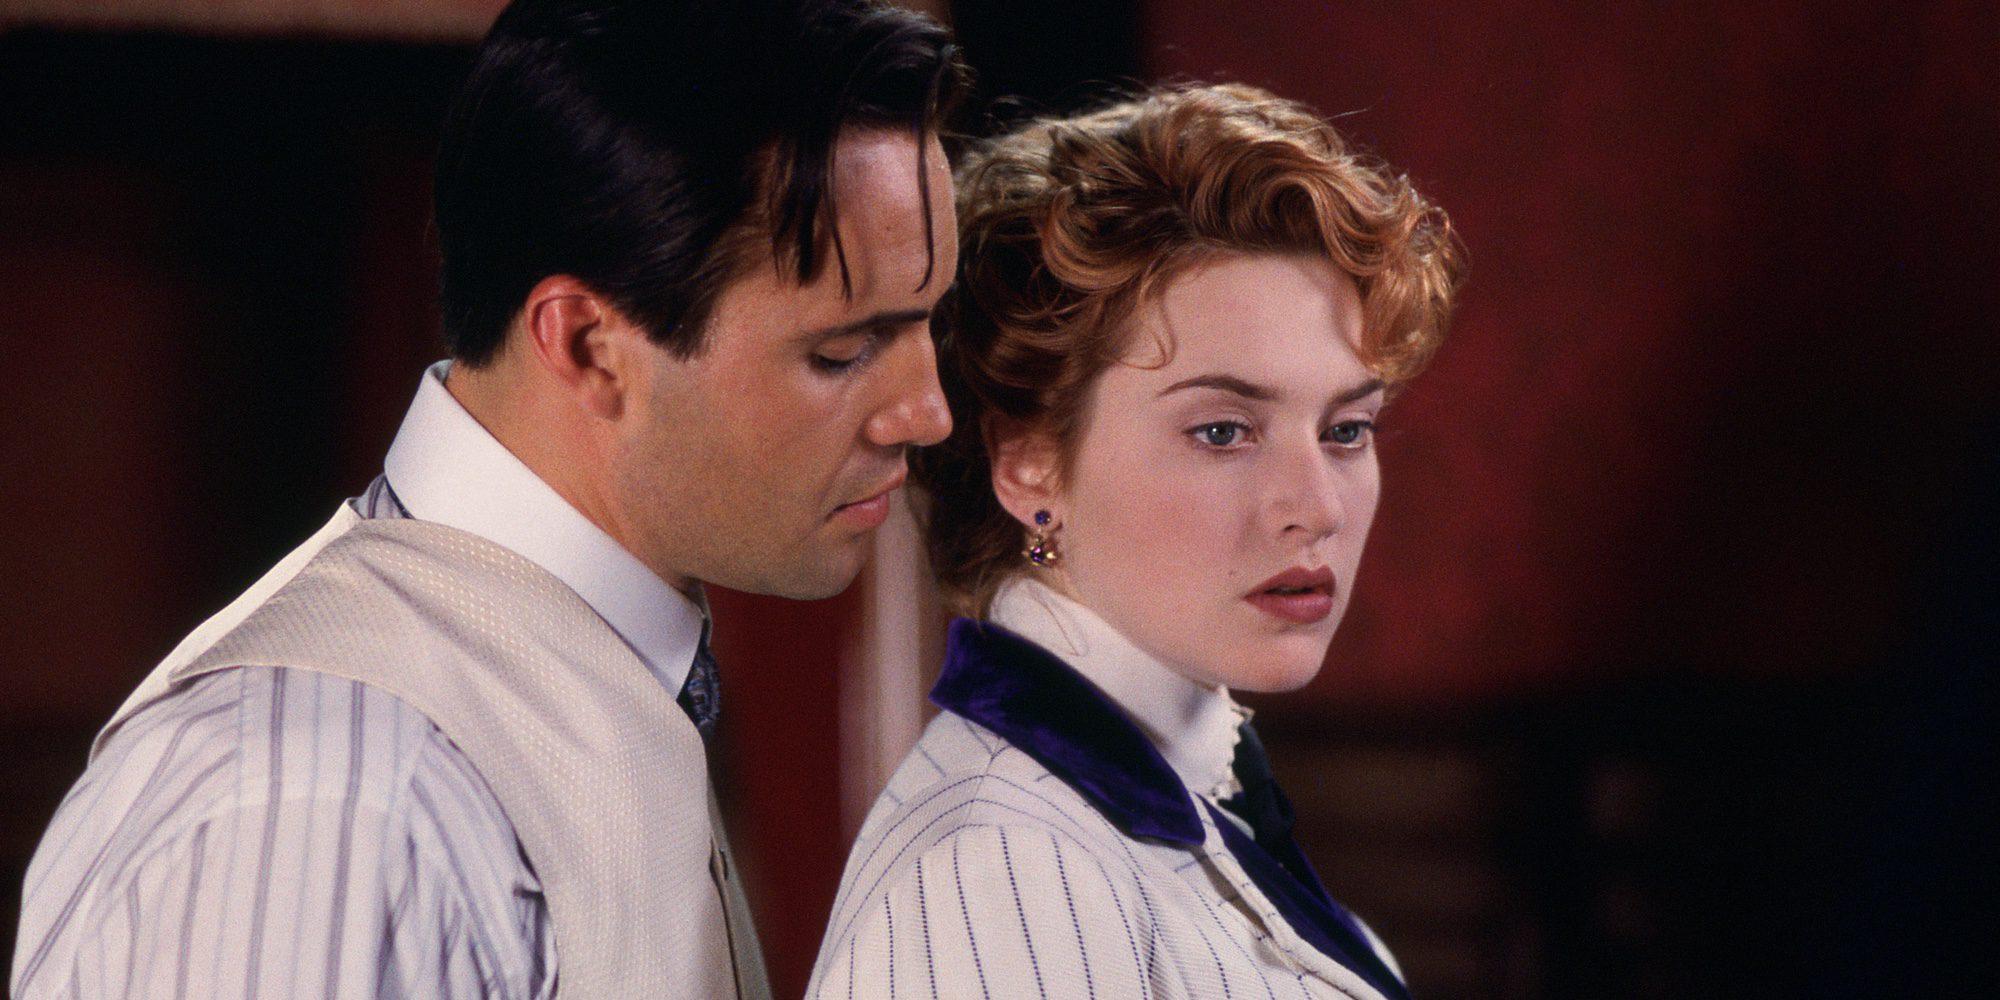 Reencuentro de 'Titanic': Kate Winslet, Leonardo DiCaprio y Billy Zane se reúnen por el cambio climático